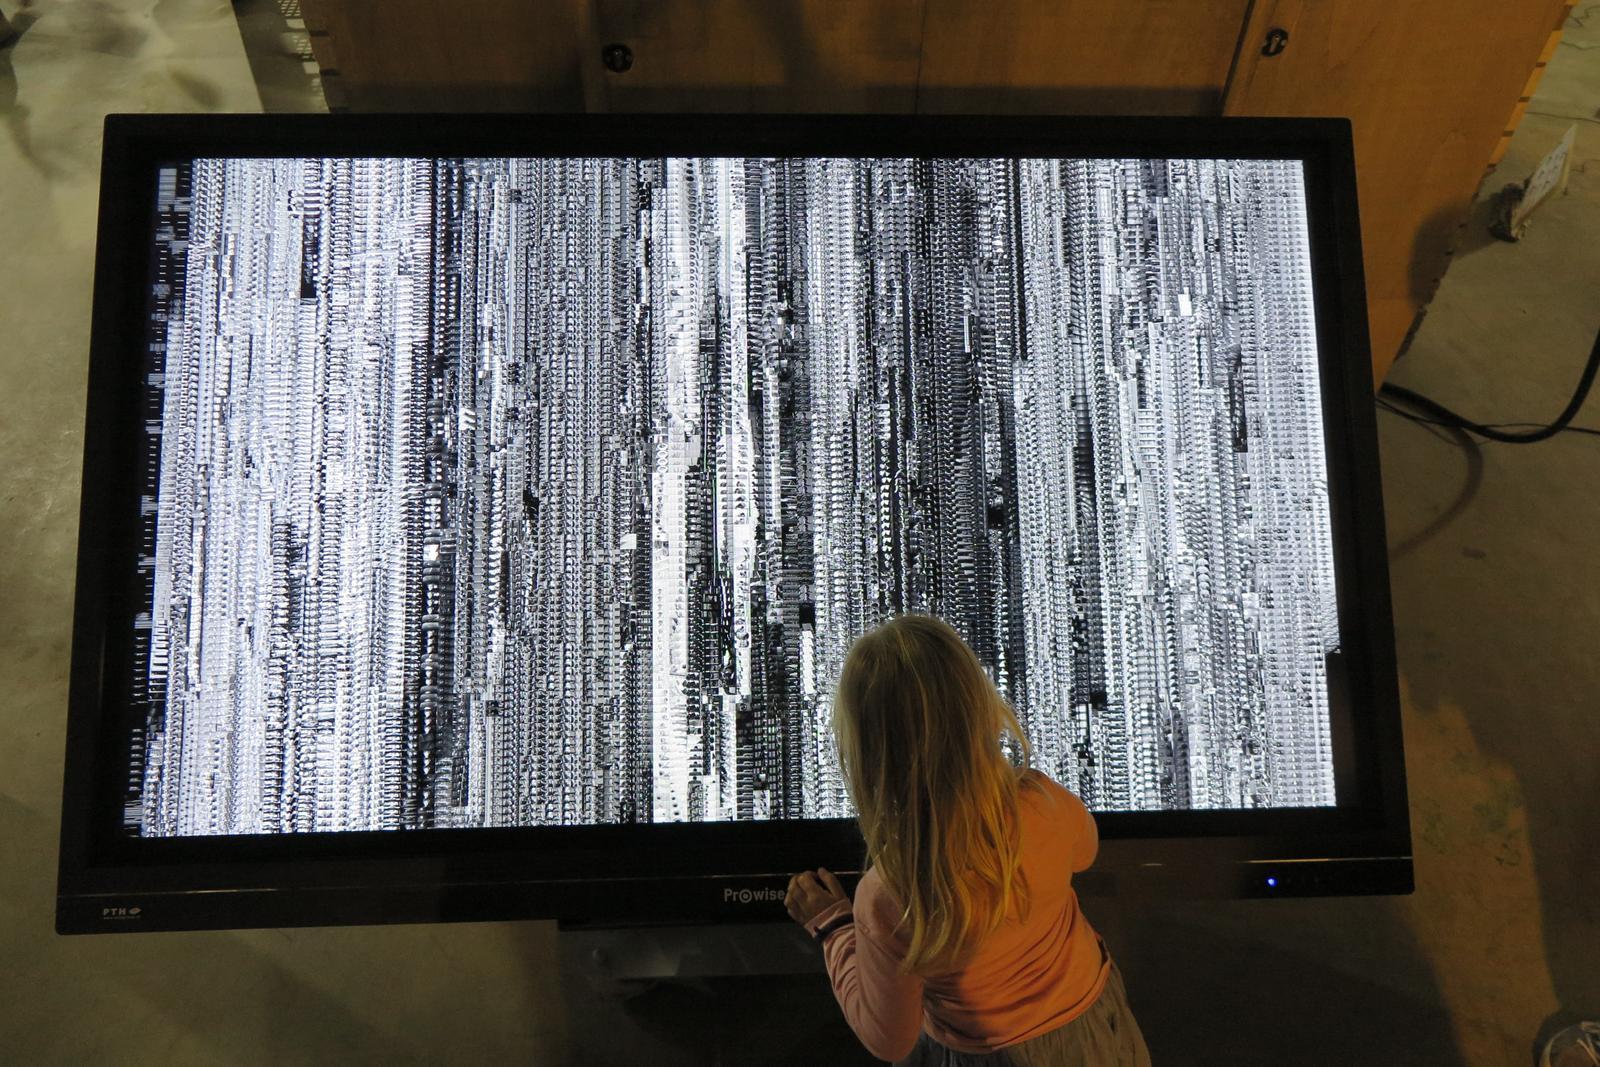 scherm met het werk One second psycho - Jakub Valtar